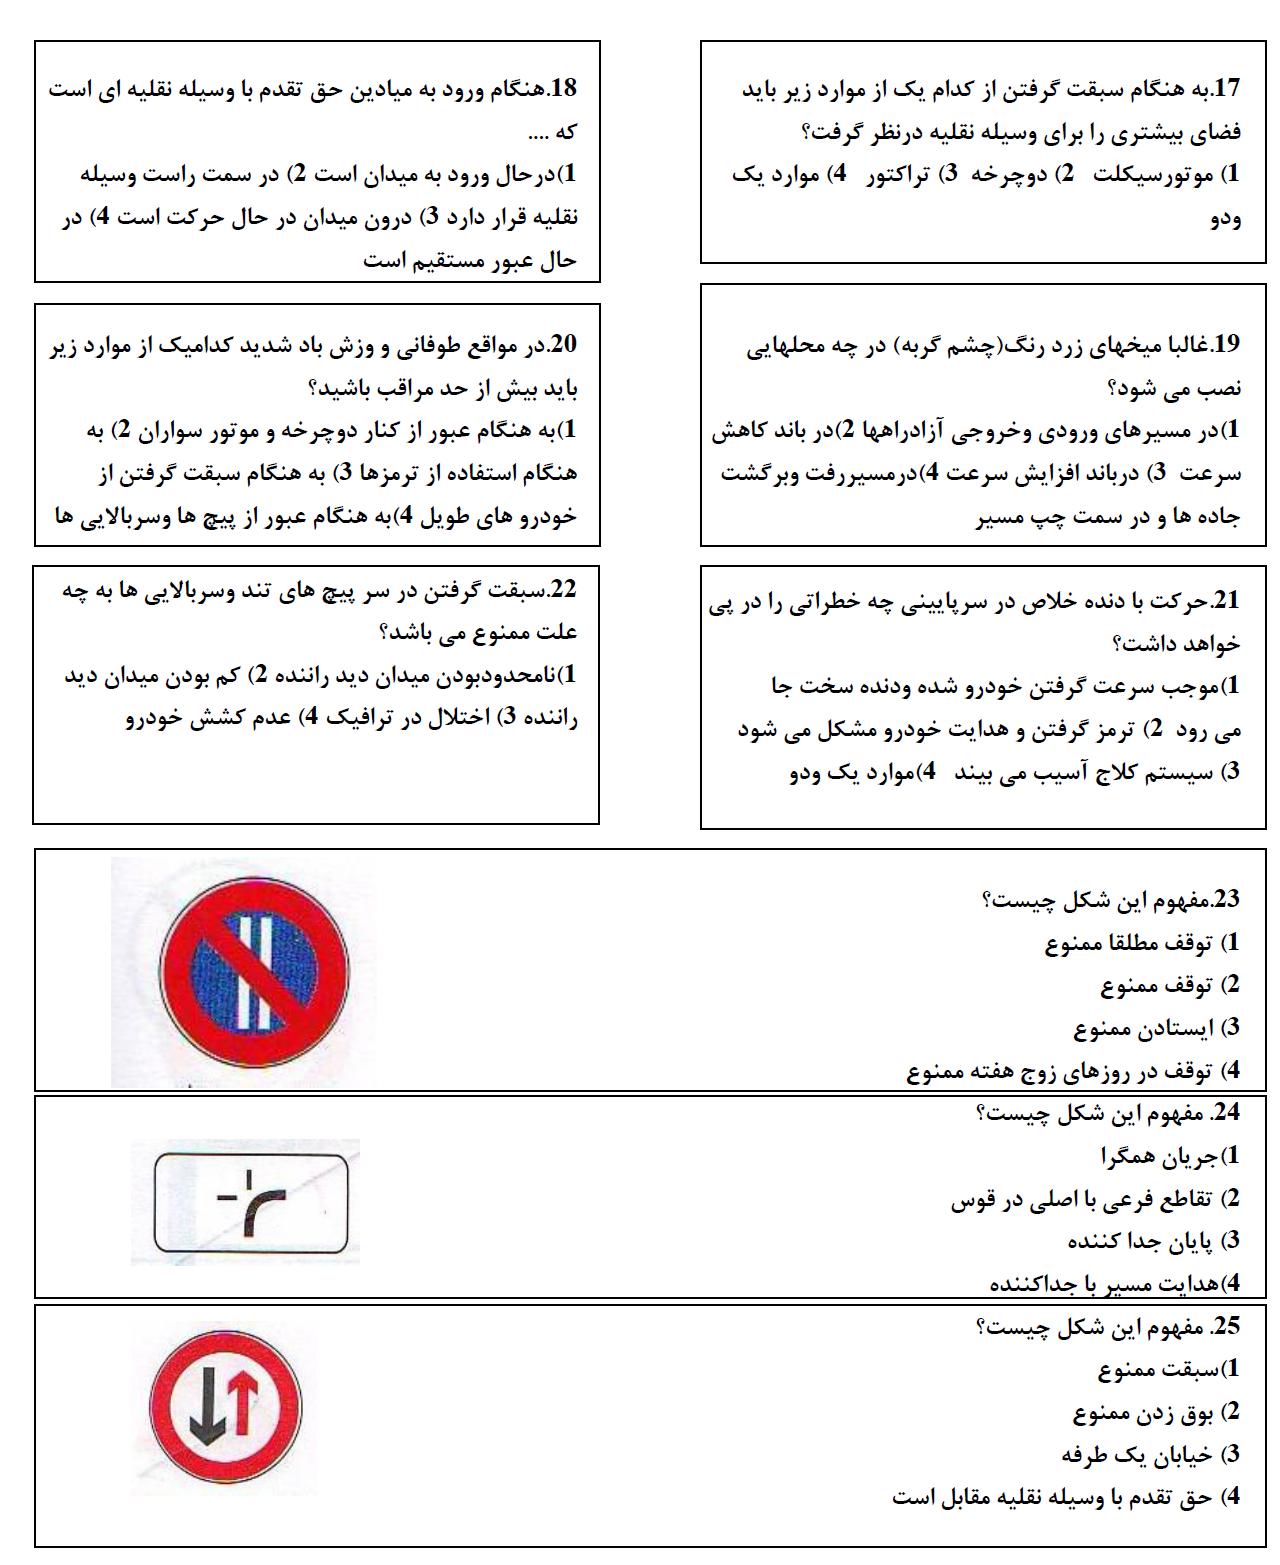 نمونه سوال آیین نامه راهنمایی و رانندگی